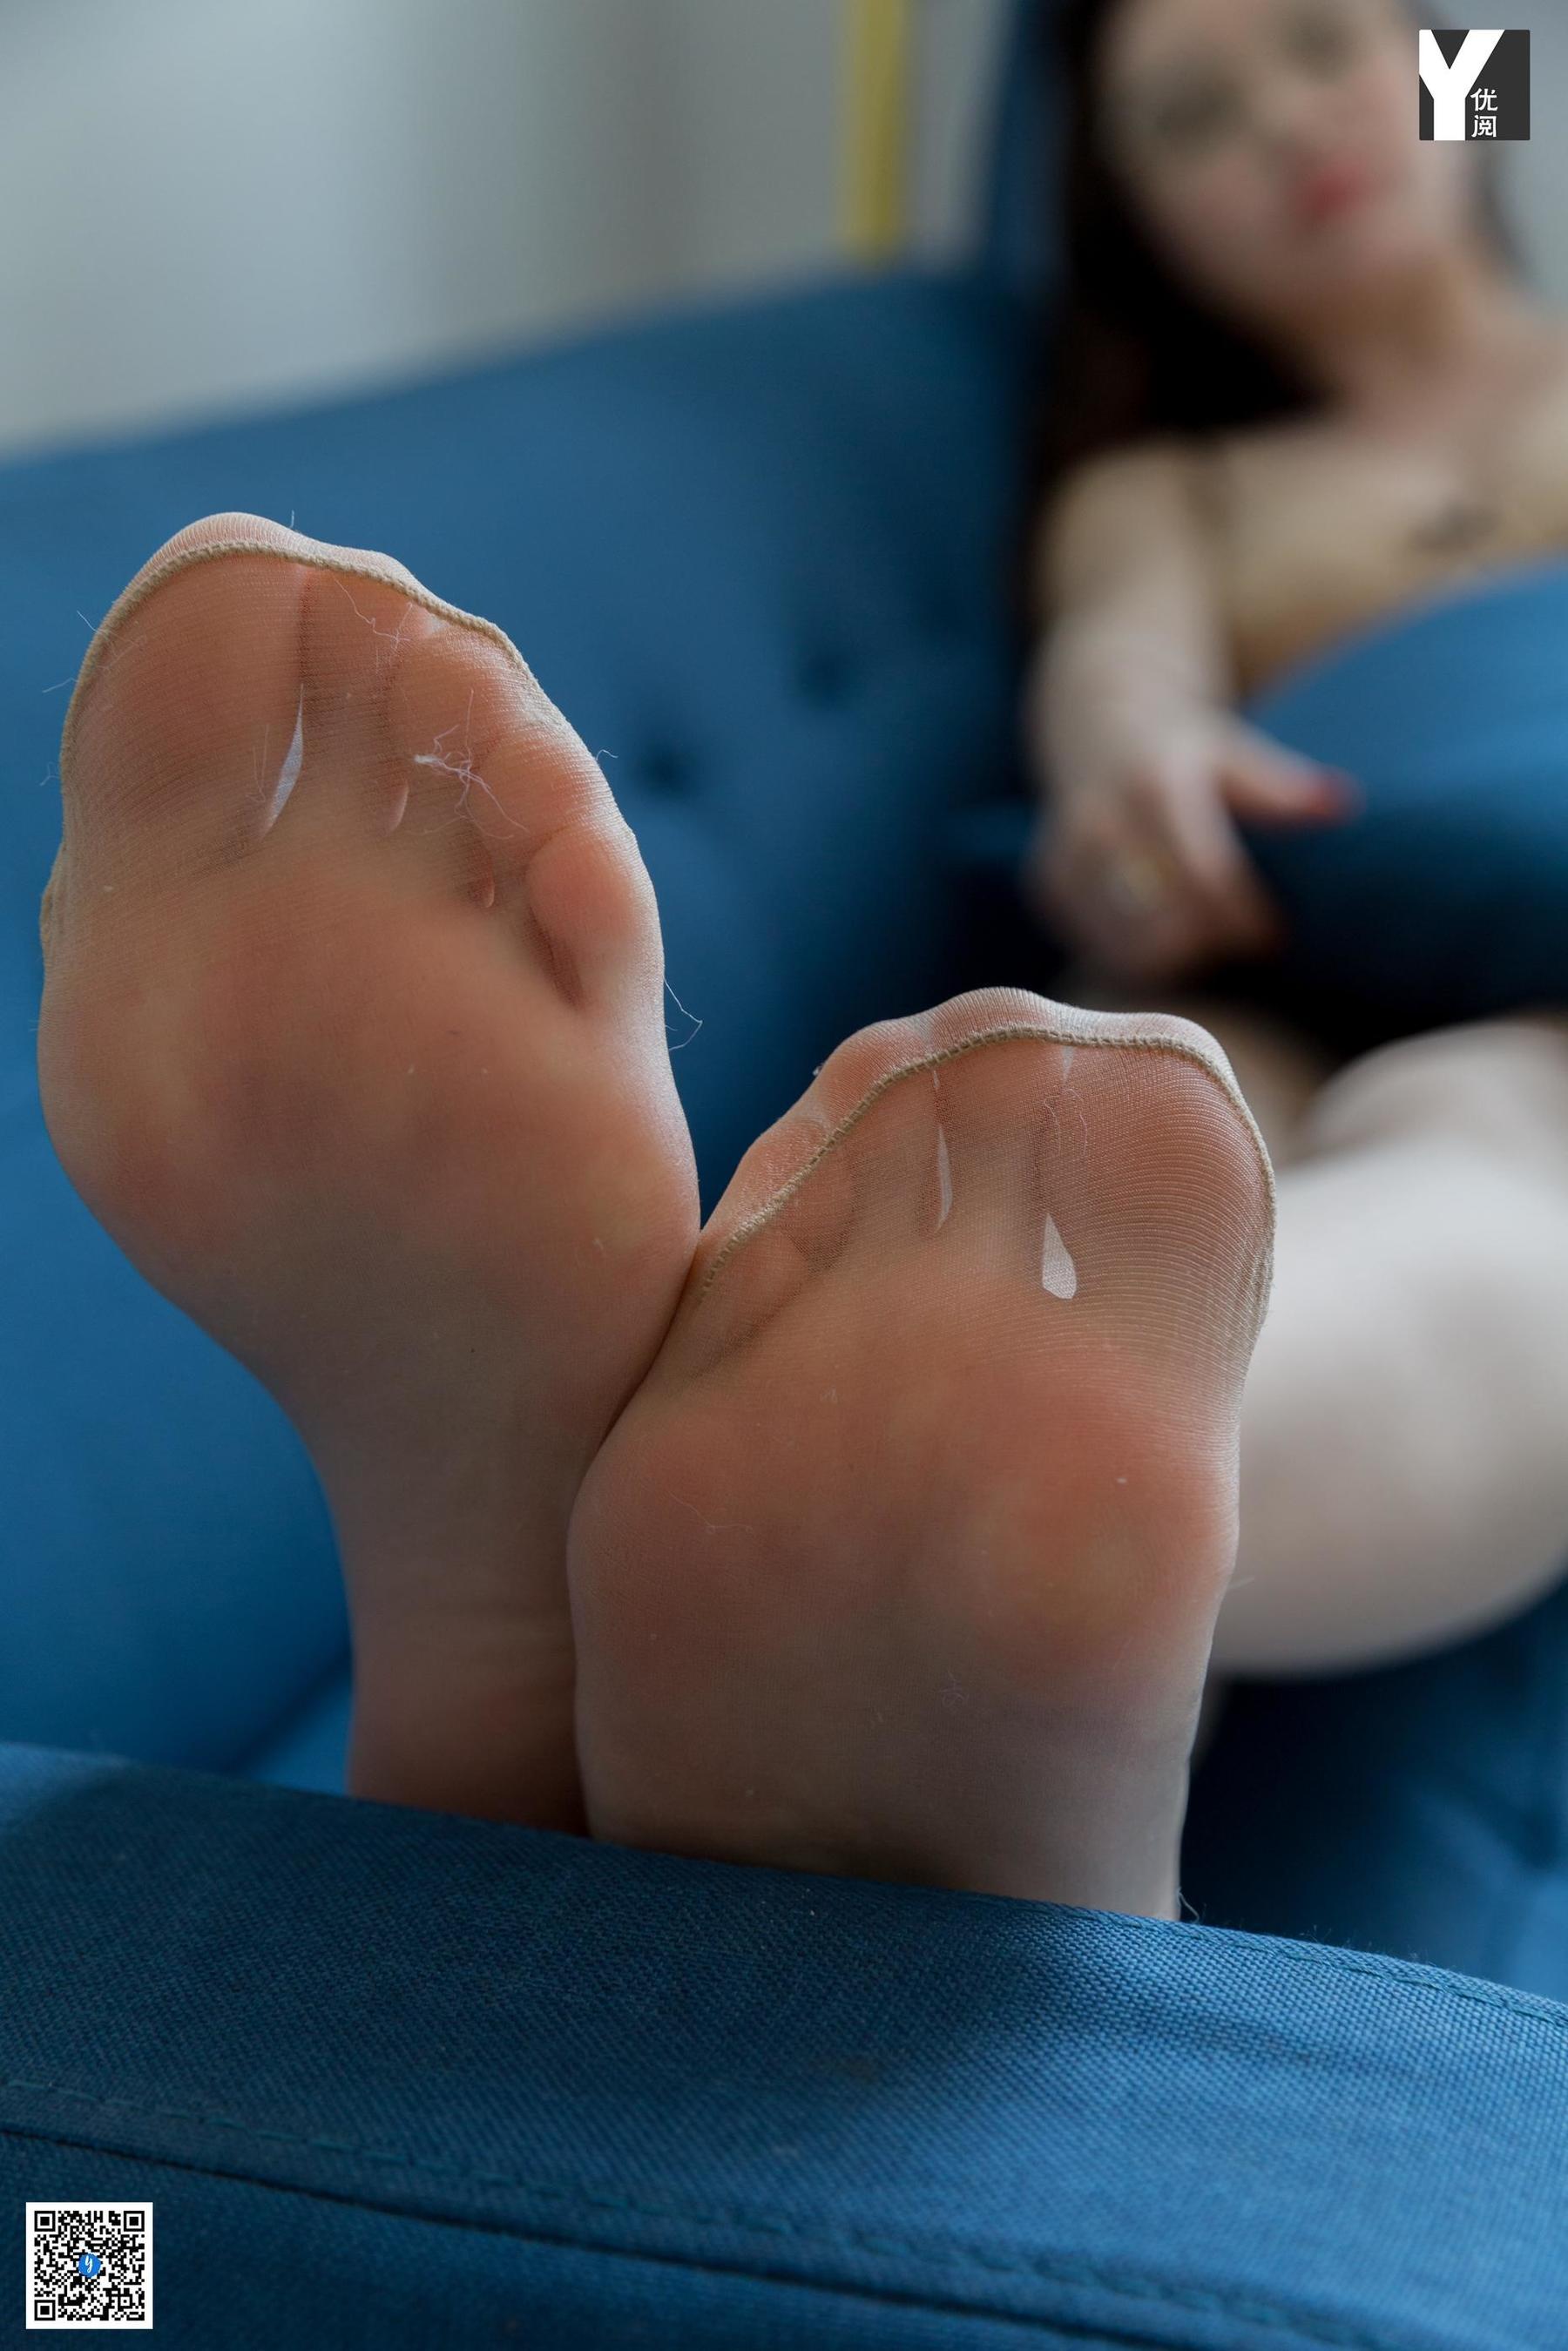 [IESS] 丝享家 764 喵姐《来一杯mojito》 丝袜美腿写真[90P]插图(1)